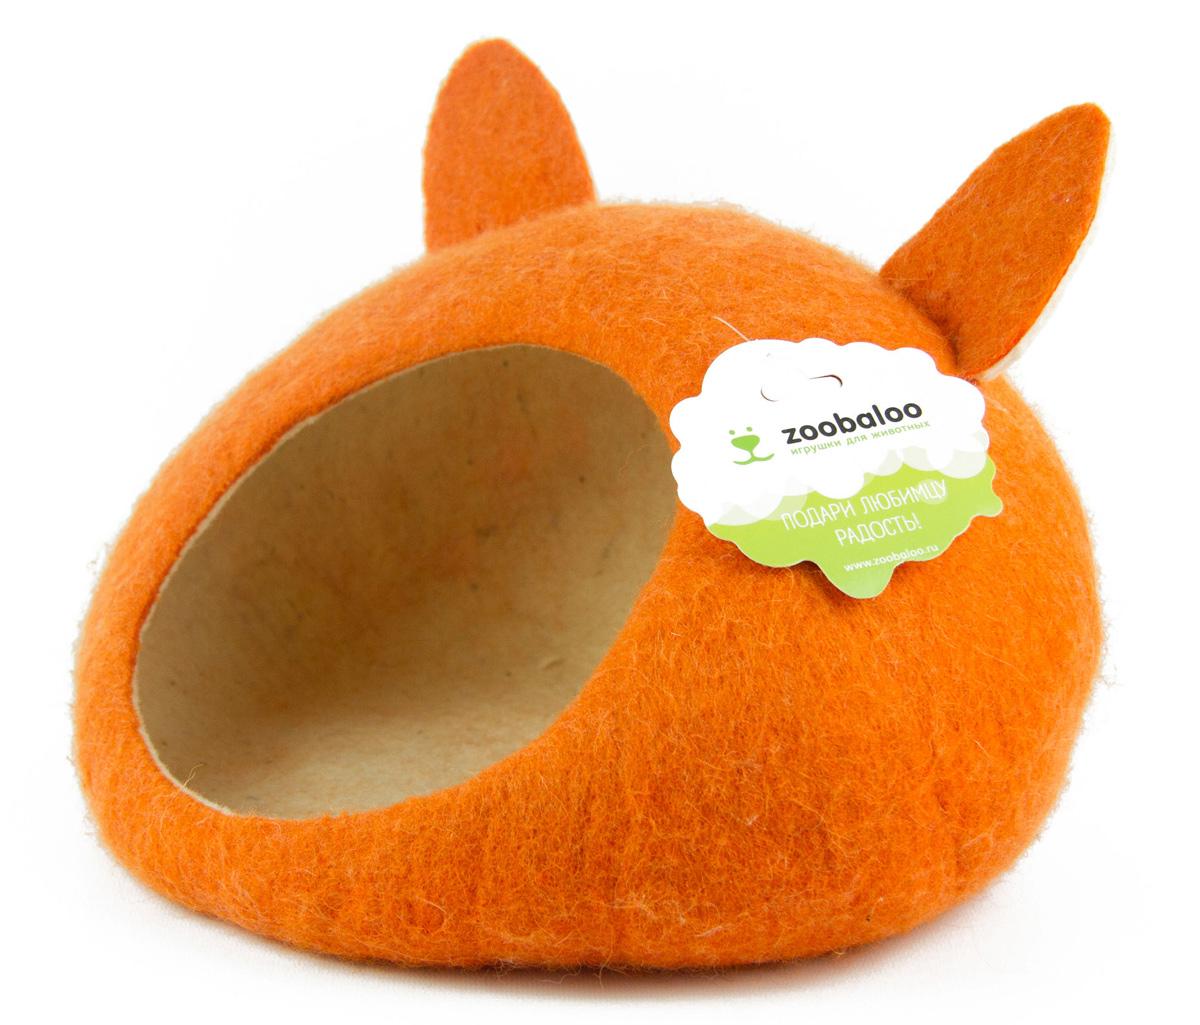 Домик-слипер Zoobaloo WoolPetHouse, размер L, форма круг, с ушками, оранжевый965WoolPetHouse это домики-слиперы! Это невероятное творение наших дизайнеров обещает быть хитом сезона – мы учли все особенности «животного» сна: форма, цвет, материал этих домиков – всё подобрано как нельзя лучше! В них ваши любимцы будут видеть только цветные сны, а комфорту и благодарности не будет предела! Природа позаботилась обо всем – стопроцентная шерсть мериноса обеспечит превосходный микроклимат внутри домика, а его форма позволит питомцу засыпать в самой естественной позе. Ваши питомцы уютно обустроятся в наших домиках! Так как изделие выполнено из шерсти, советуем использовать сухую чистку, в местах сильных загрязнений можно воспользоваться губкой или щеткой с мылом. Для того, чтобы домик прослужил максимально долго, для маленьких котят и щенков рекомендуем застилать домик изнутри специальной впитывающей пеленкой.